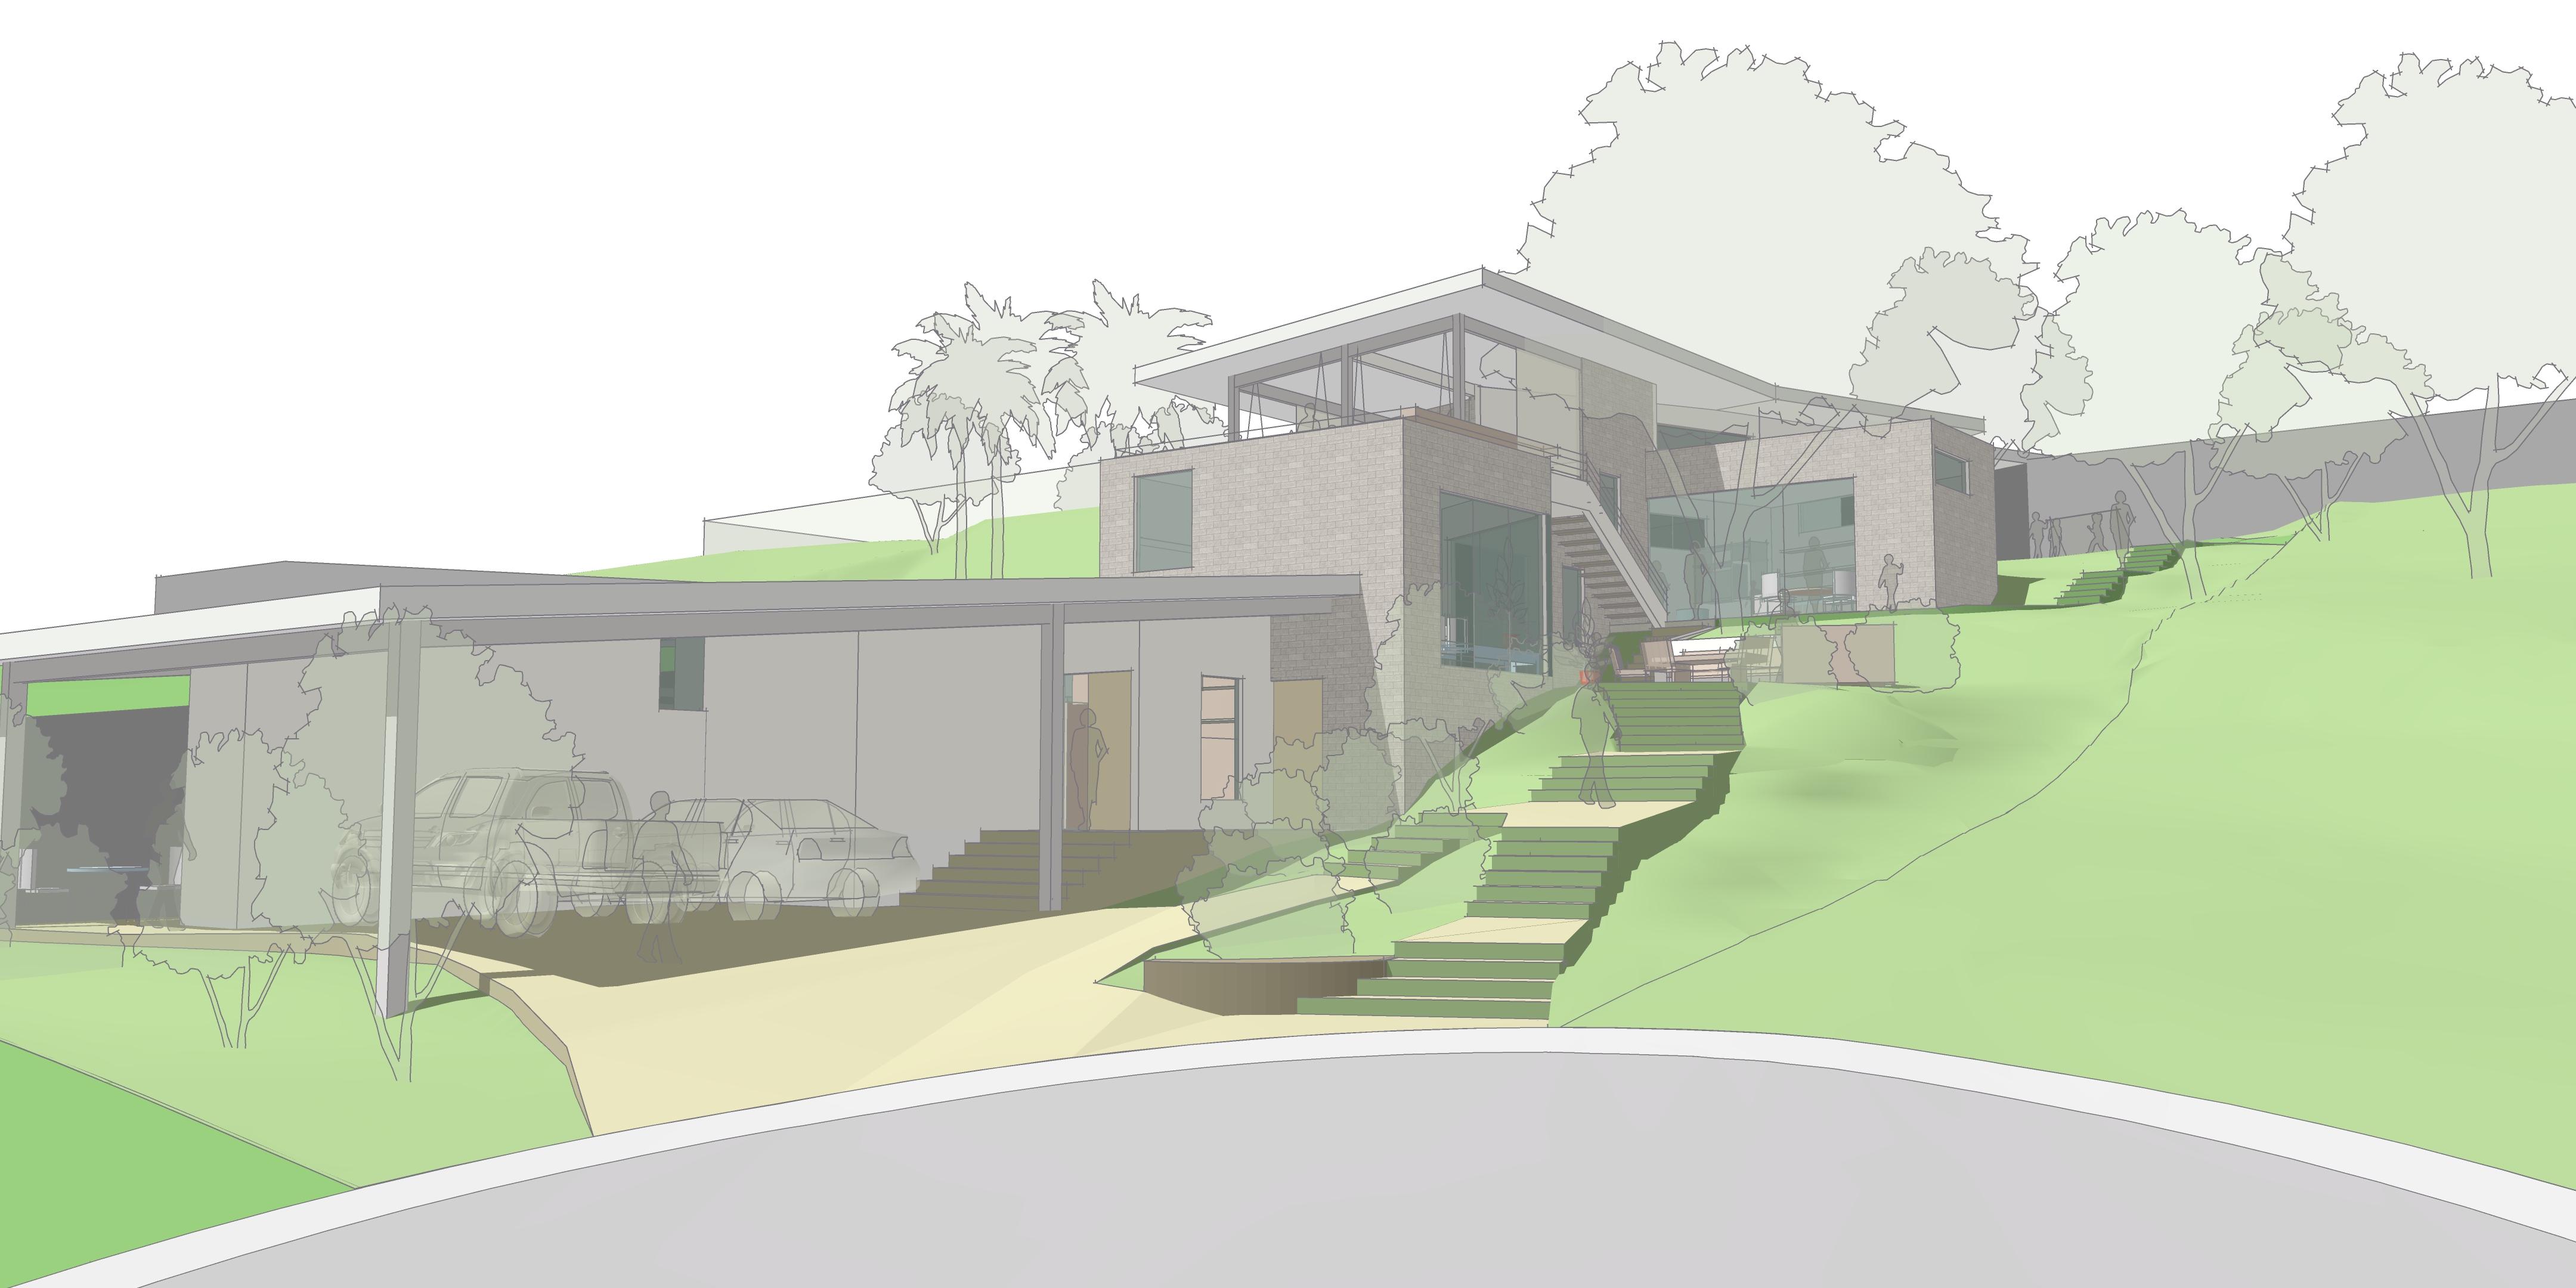 Casa SyHJ-Vista 2.jpg